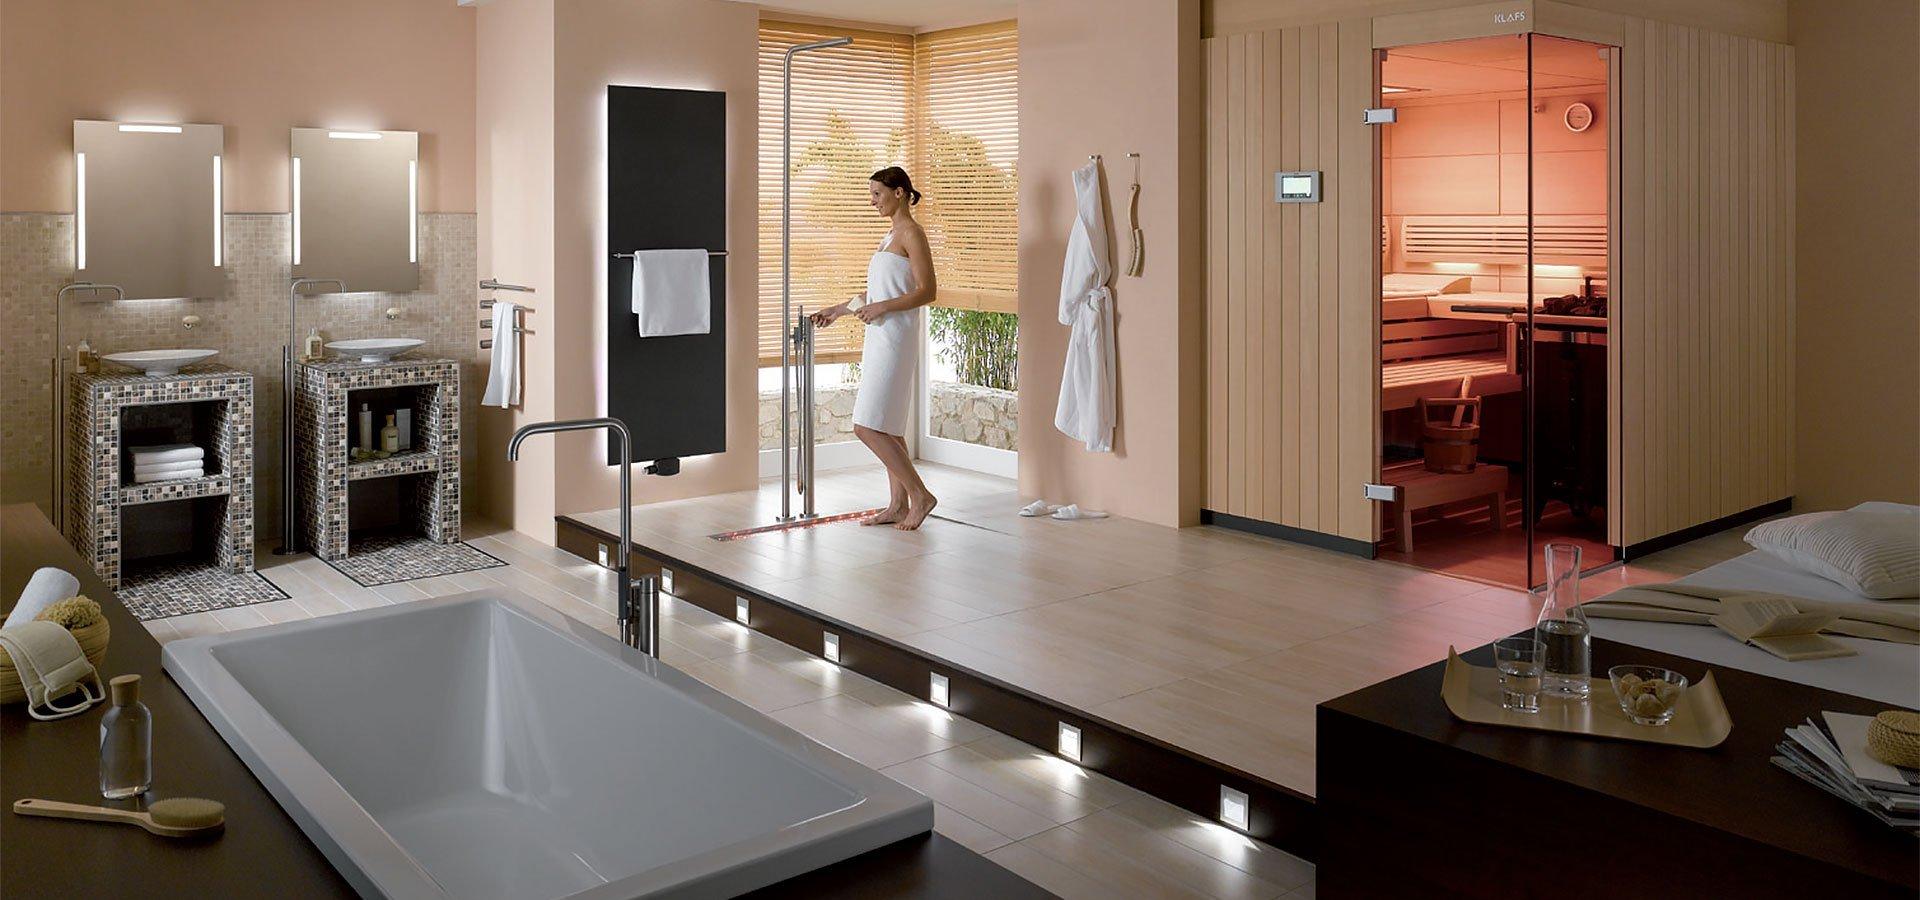 nouveau configurateur aco showerdrain pour les projets de salle de bains batinfo. Black Bedroom Furniture Sets. Home Design Ideas